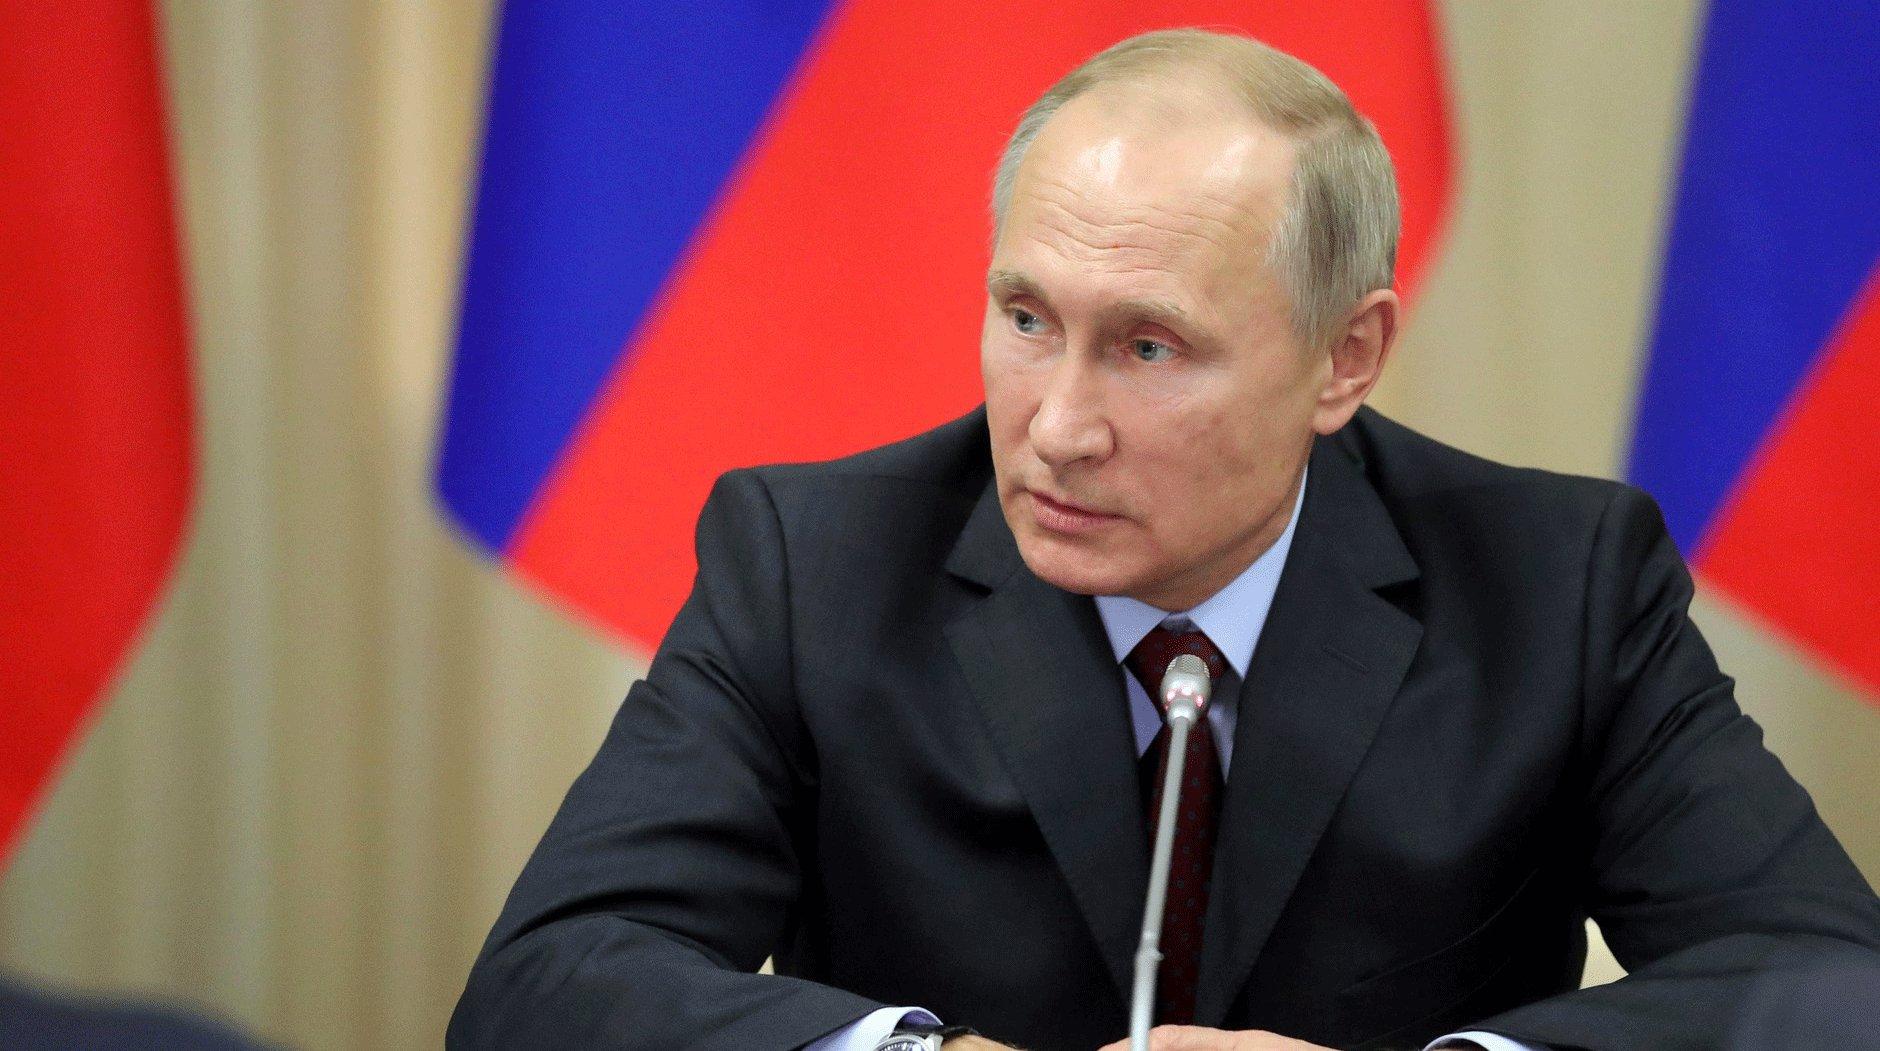 Жители должны иметь возможность контролировать деятельность властей— Путин